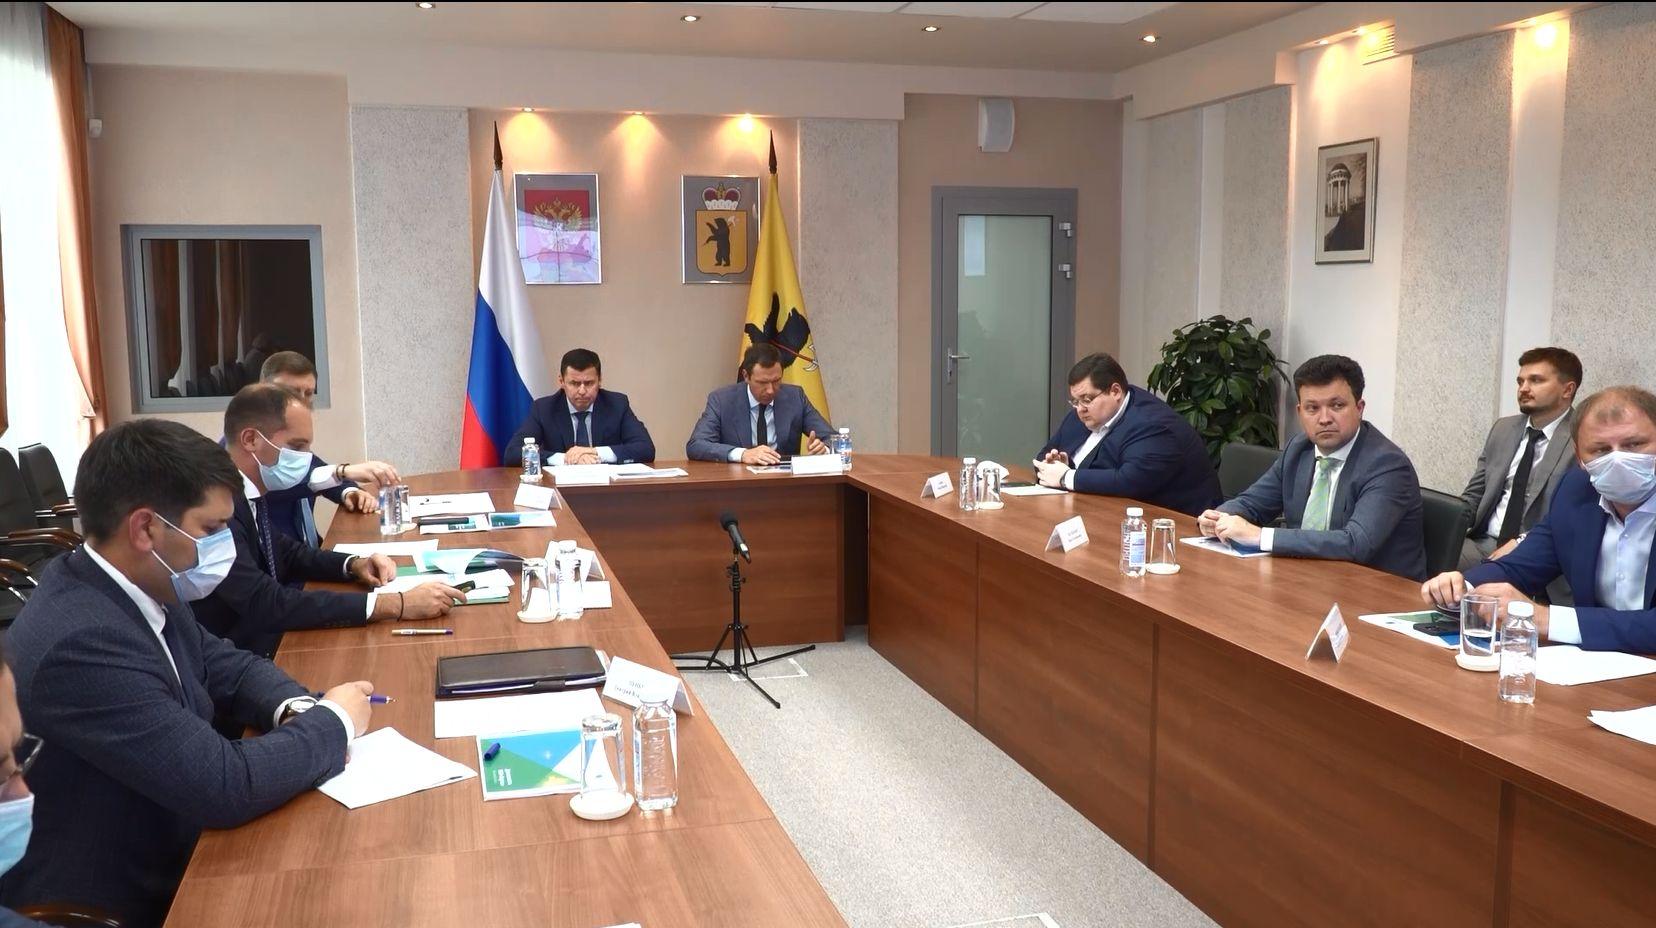 Ярославская область готова войти в проект по модернизации комплекса по переработке отходов